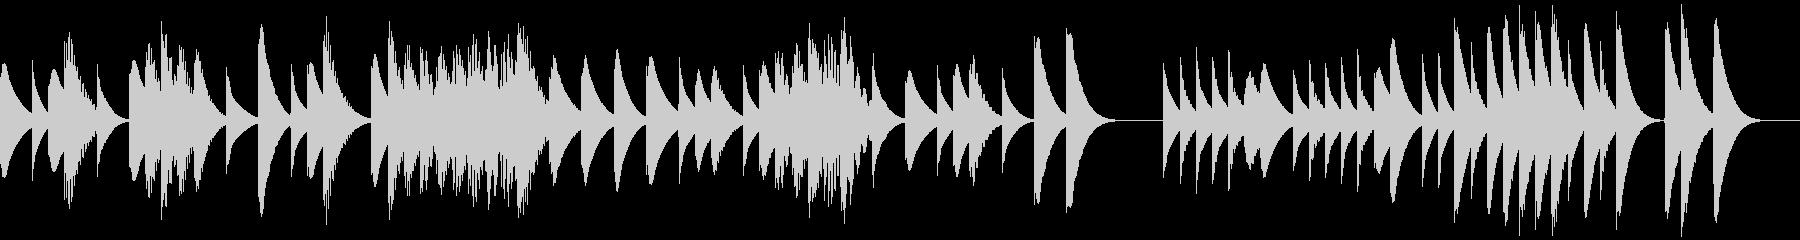 木琴と鉄琴がお話をしているような曲の未再生の波形